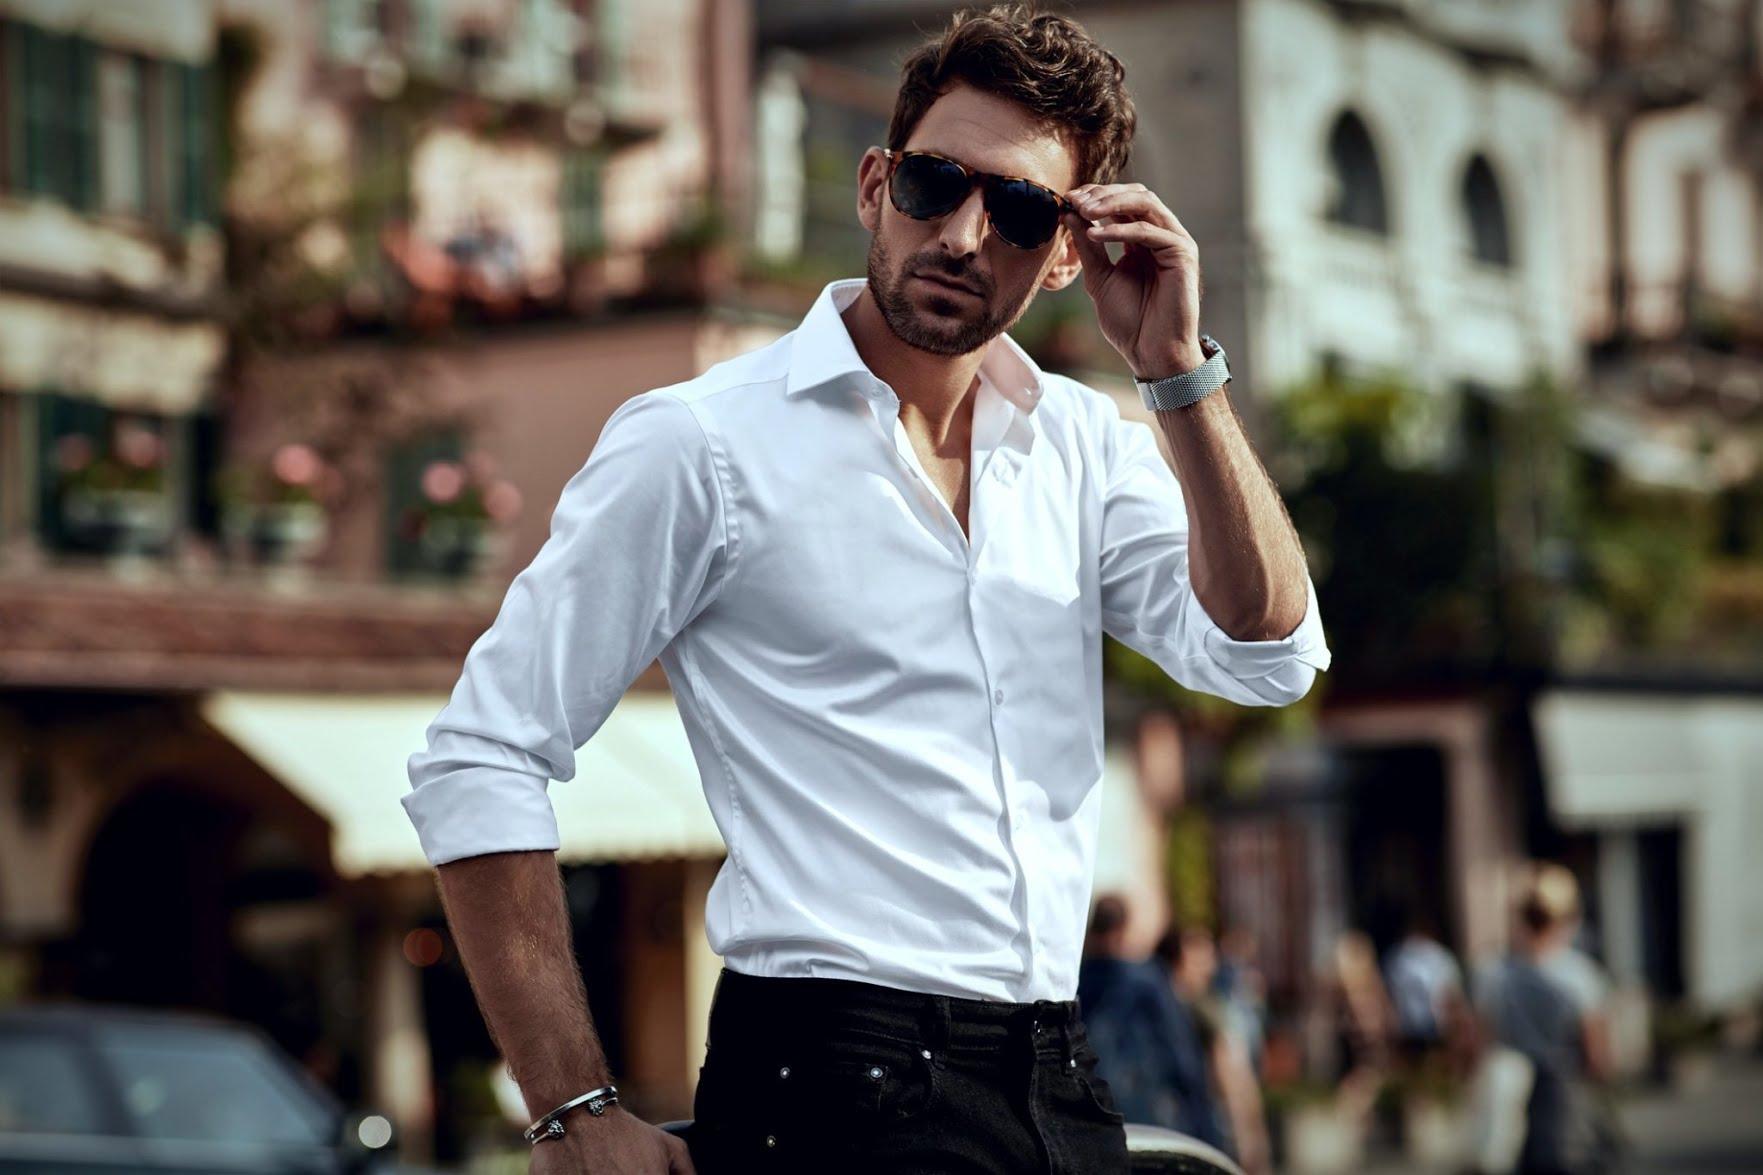 Les meilleurs eshops de mode homme pour acheter ses vêtements